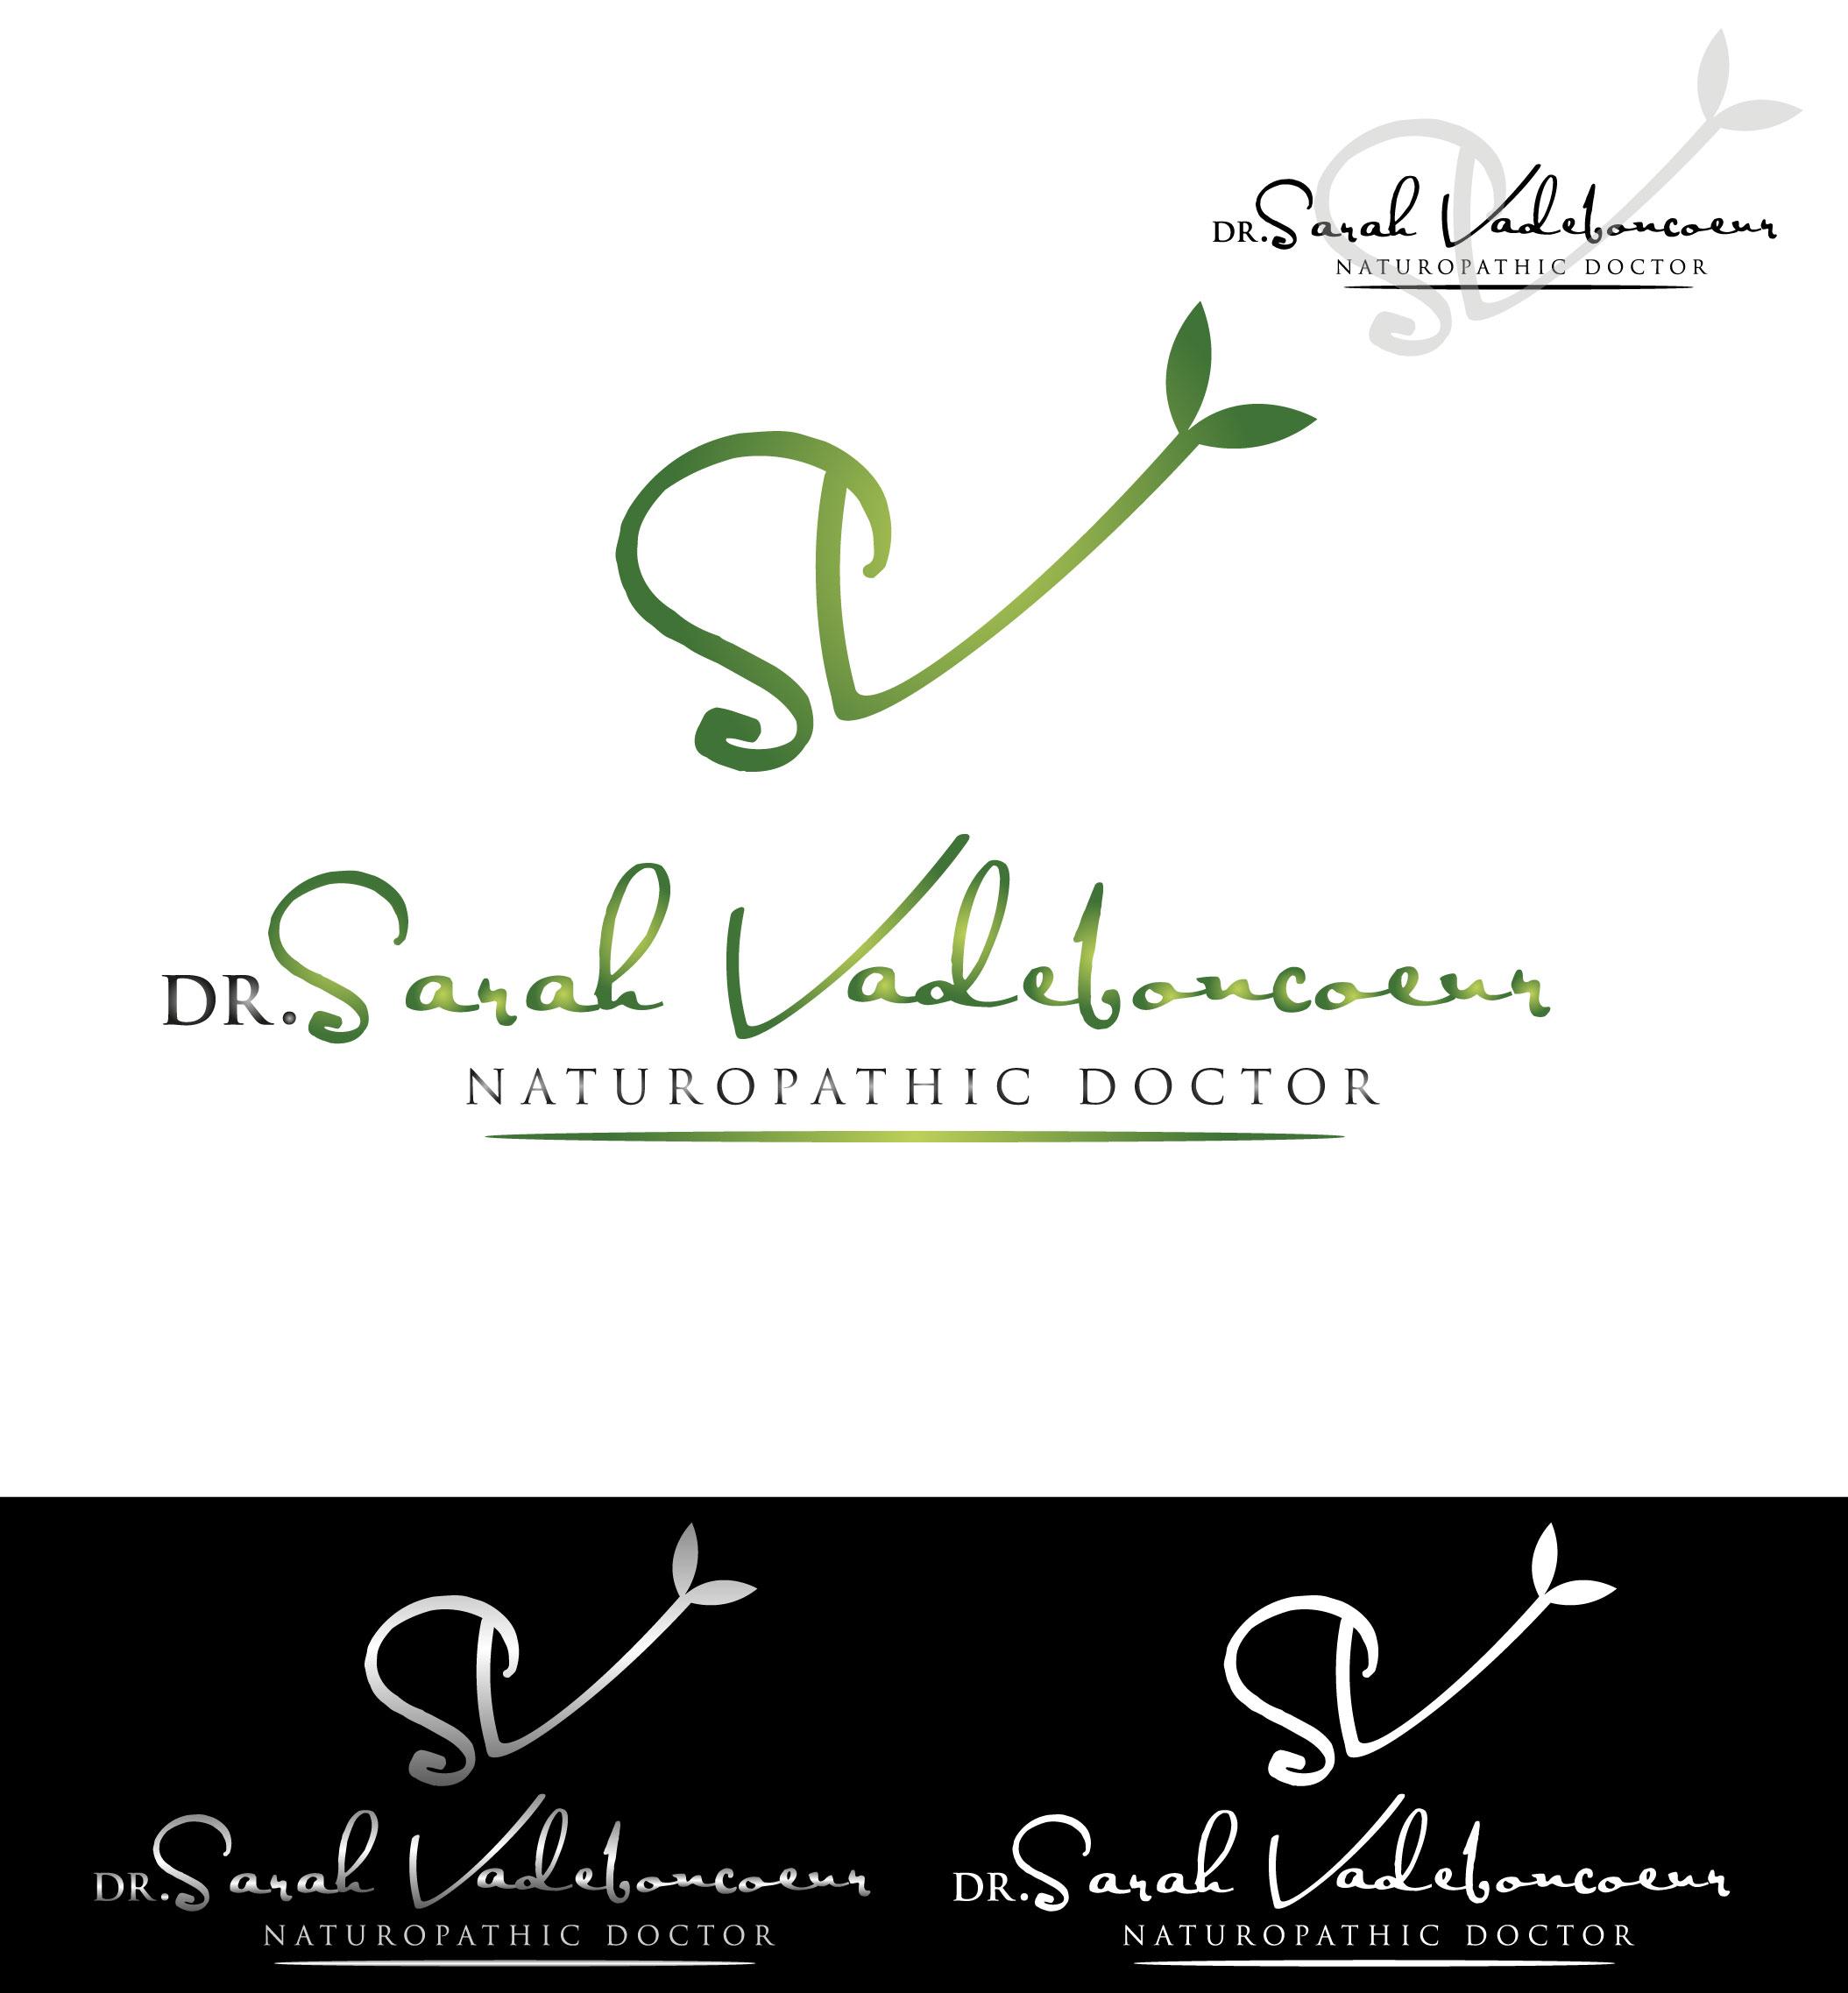 Logo Design by Darina Dimitrova - Entry No. 9 in the Logo Design Contest New Logo Design for Dr. Sarah Vadeboncoeur, Naturopathic Doctor.